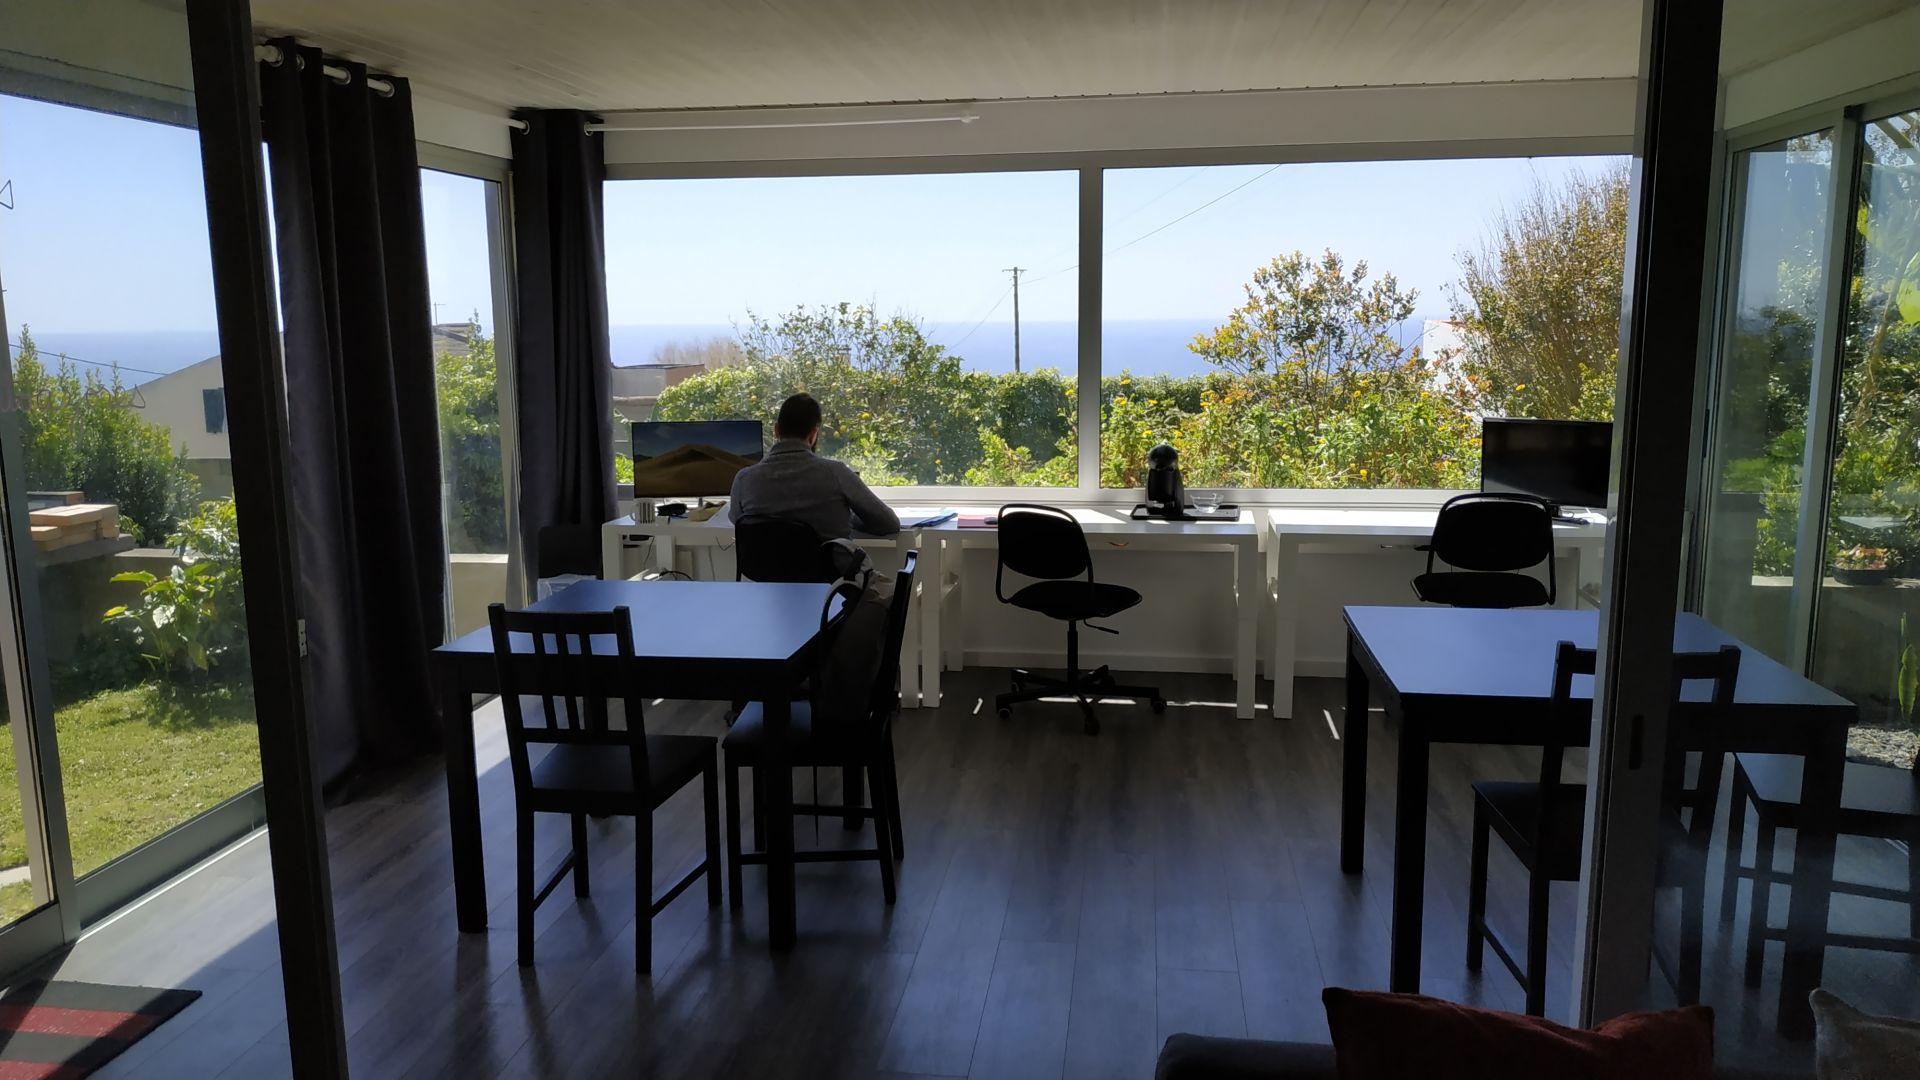 Novovento - coworkation Azores, Sao Miguel